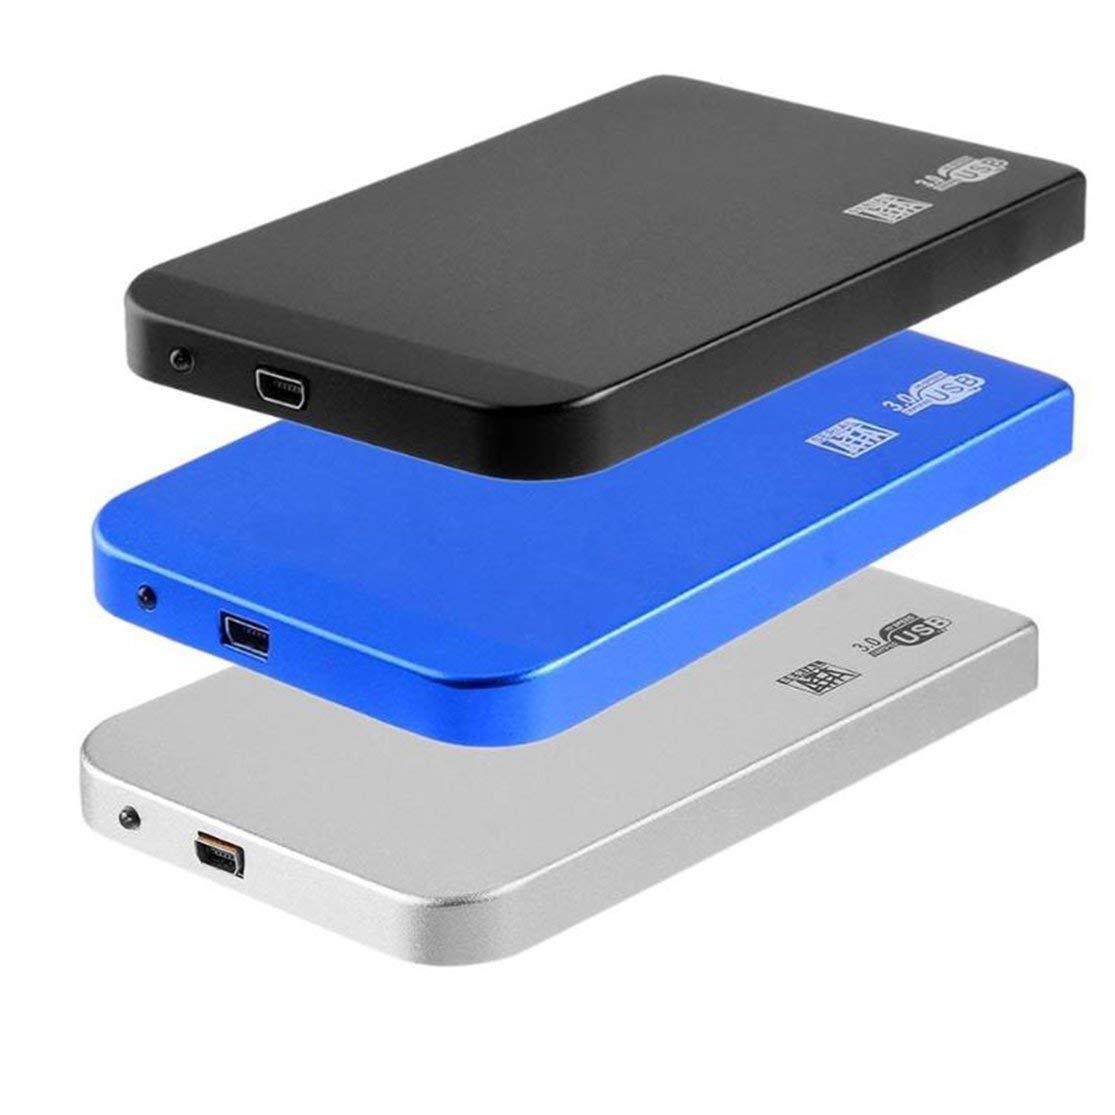 LouiseEvel215 2,5-Zoll-Aluminiumlegierung Ultrad/ünne USB3.0-Festplattenbox die 3 TB Sata to USB3.0-Festplattenbox unterst/ützt